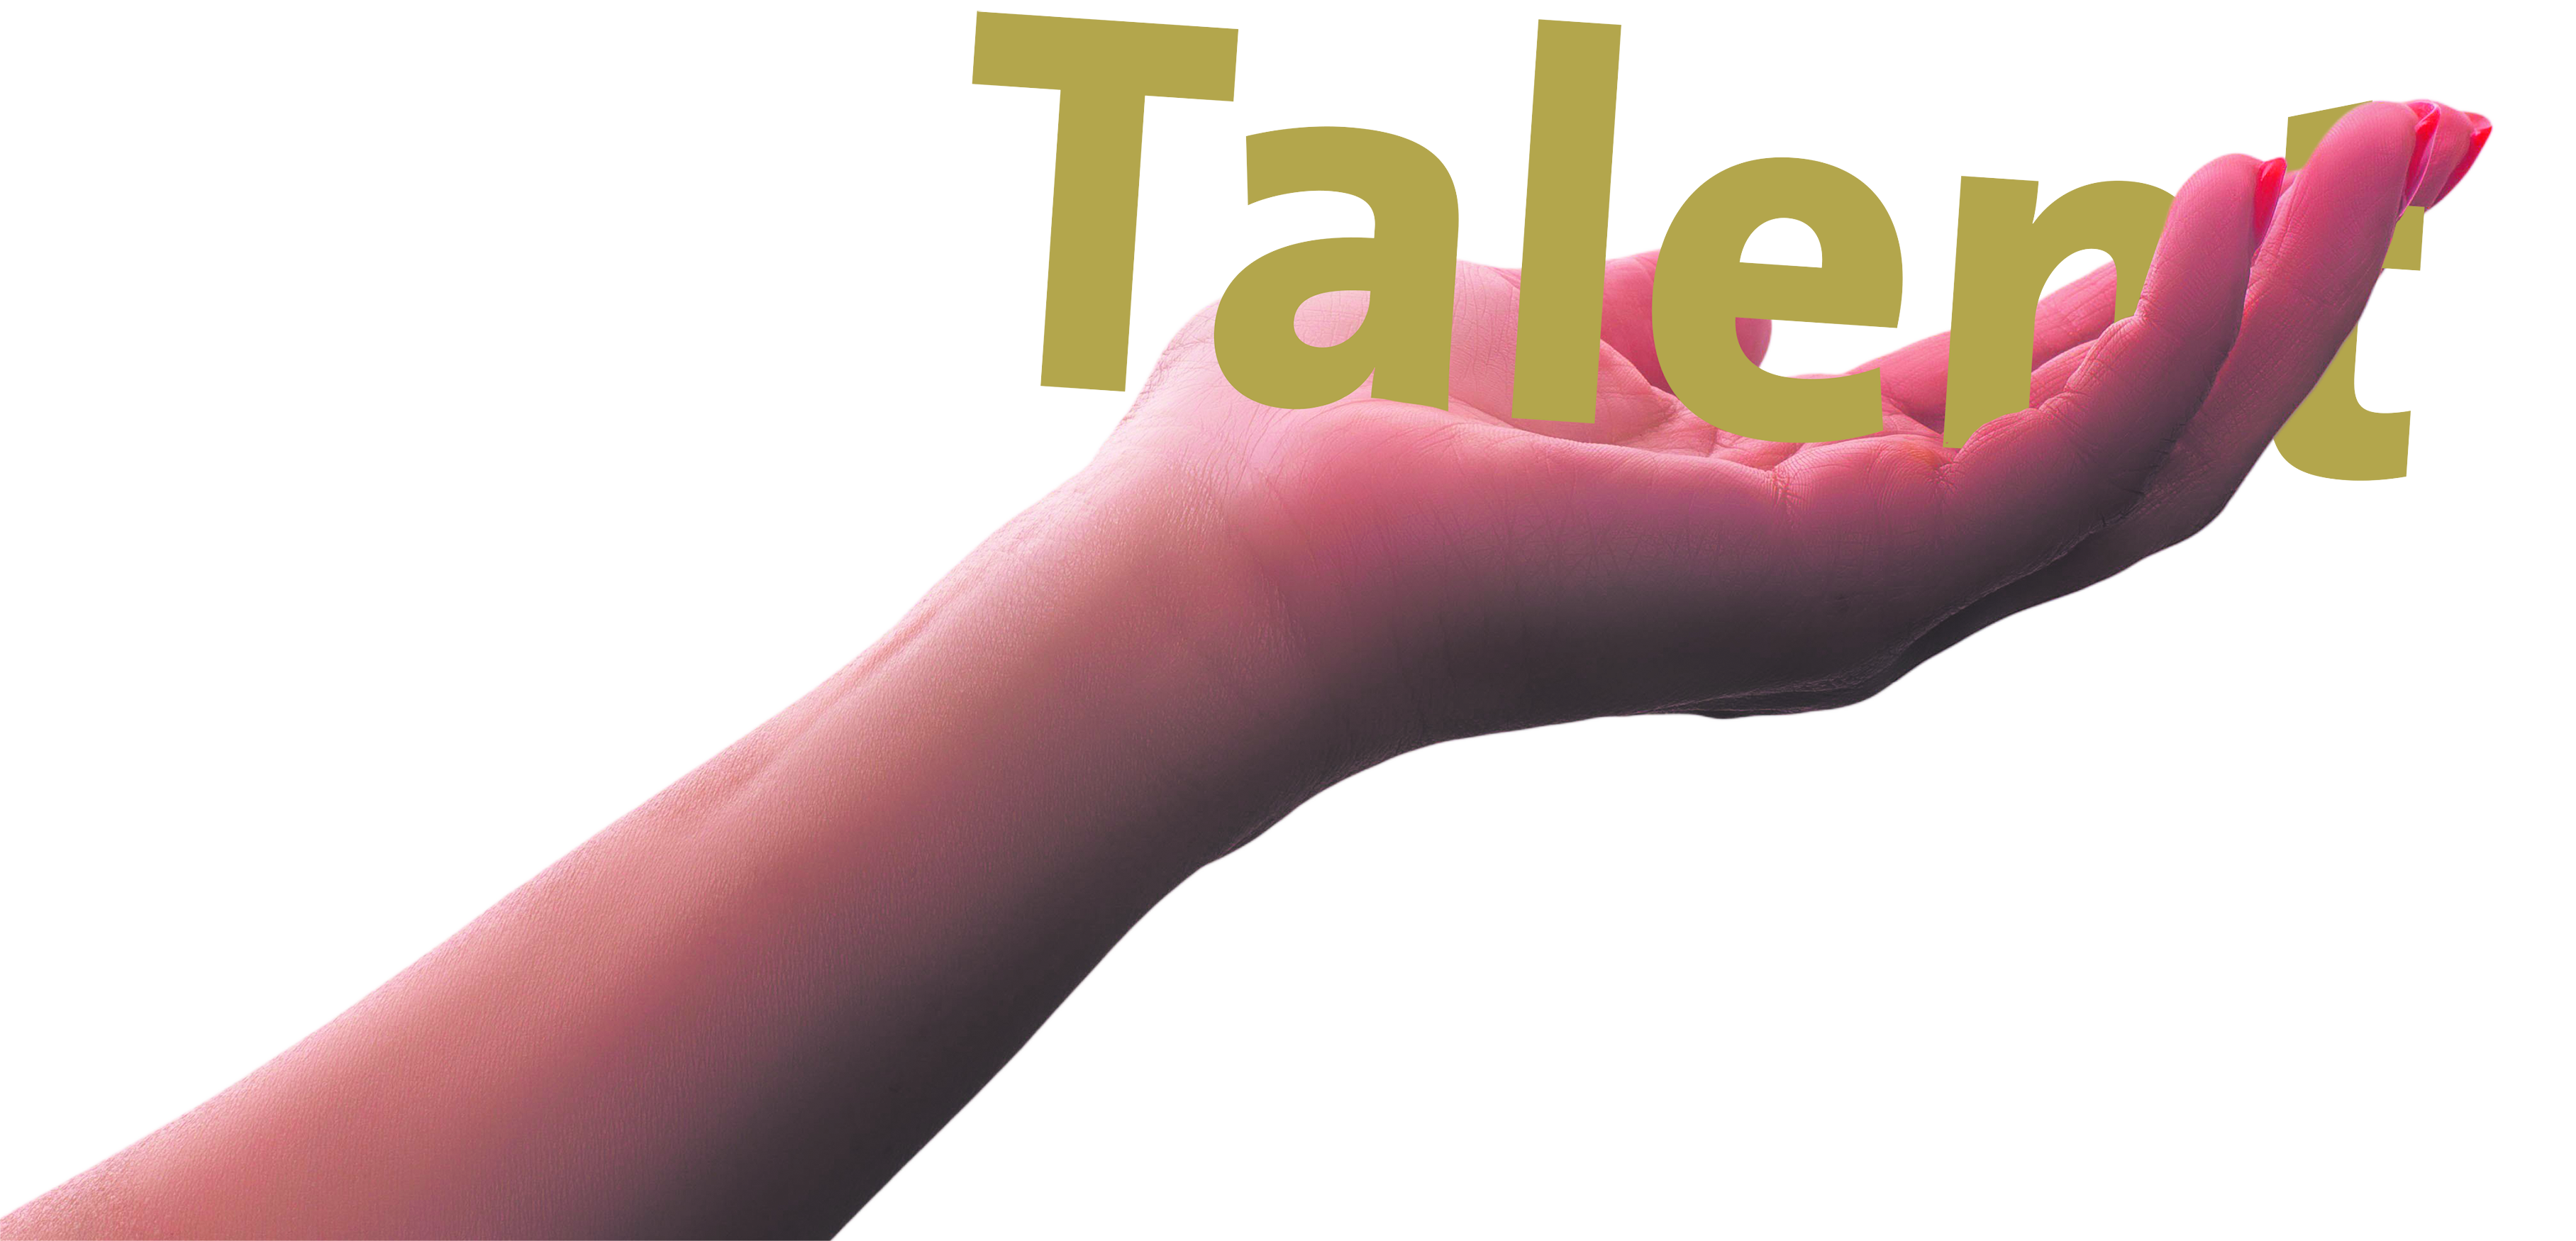 Talentontwikkeling, dat is telkens zaaien en weer oogsten